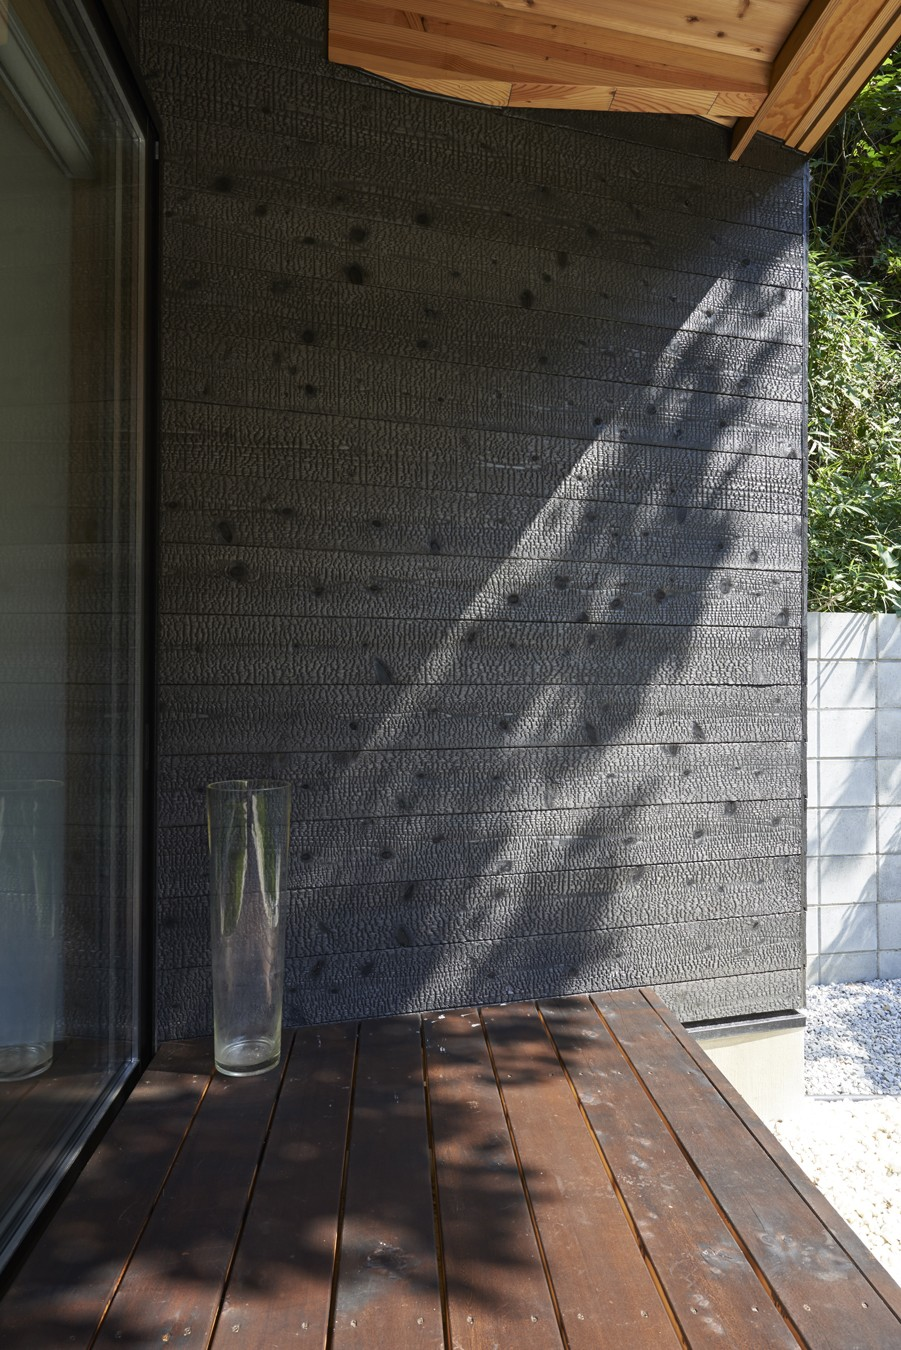 稲村ヶ崎の住宅 - 建物と自然からうまれる平屋中庭住宅 - (外壁焼杉)